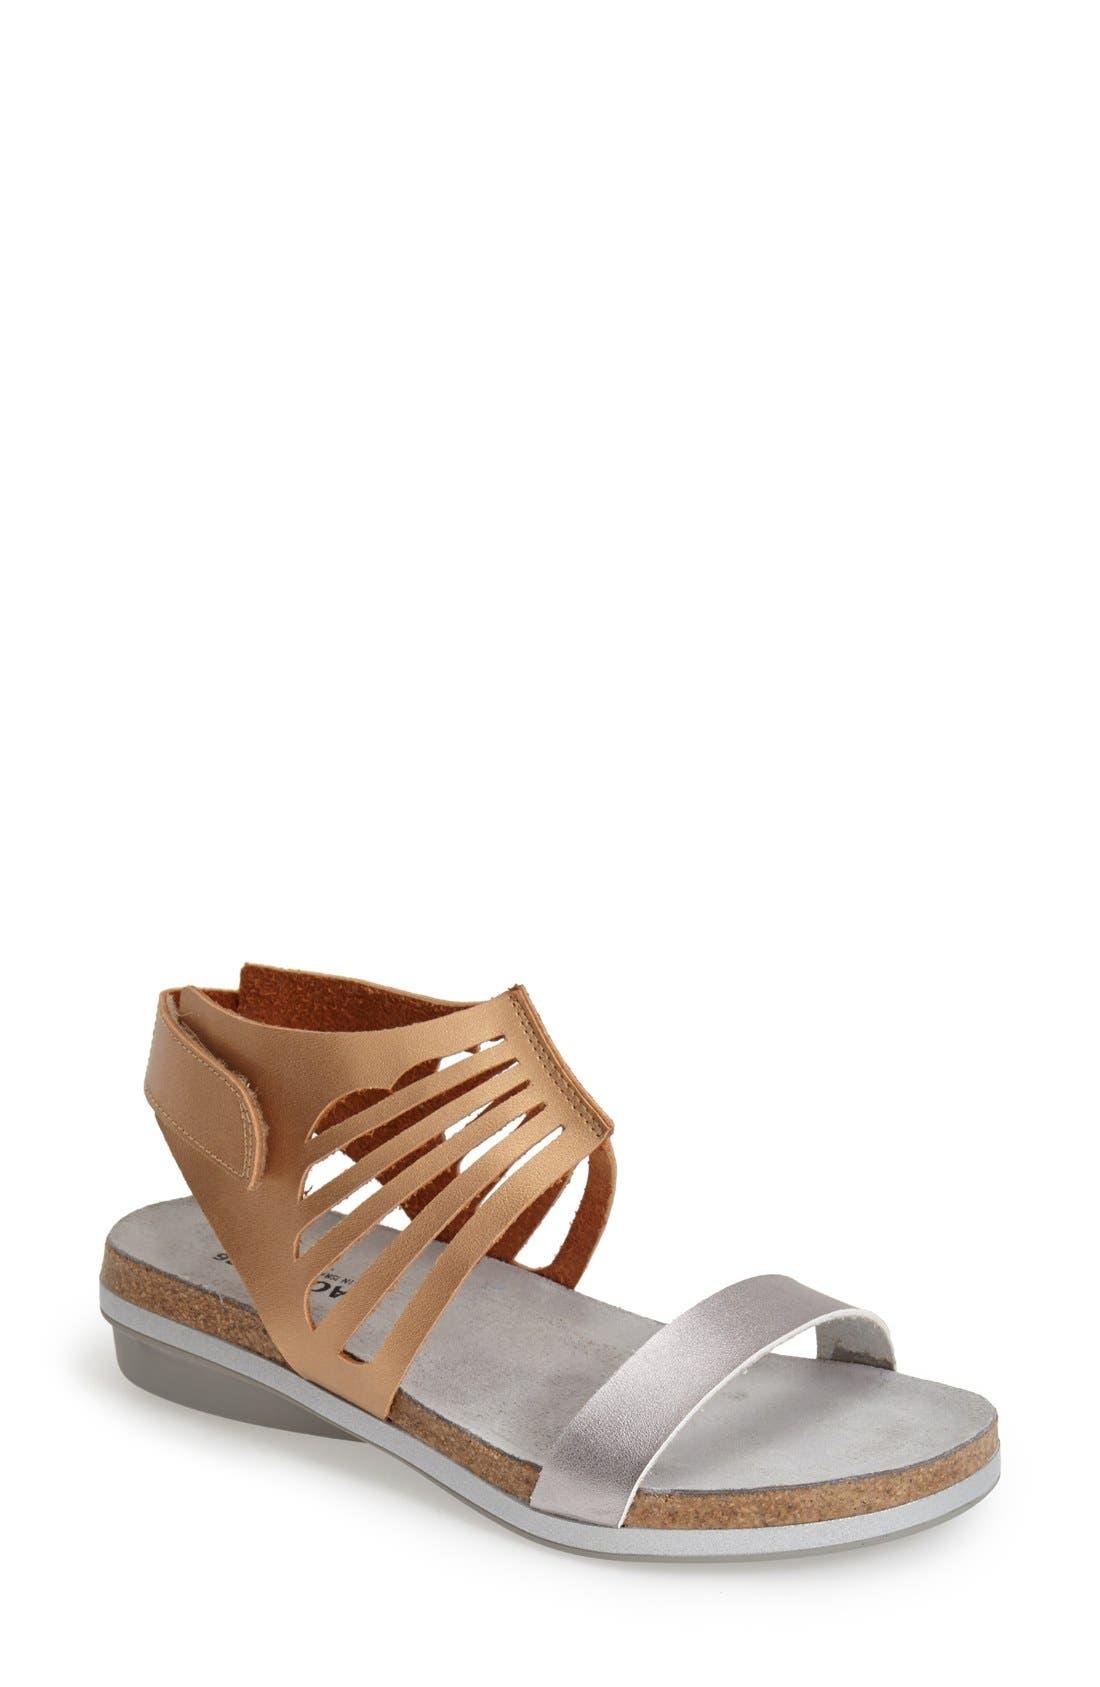 NAOT 'Mint' Sandal